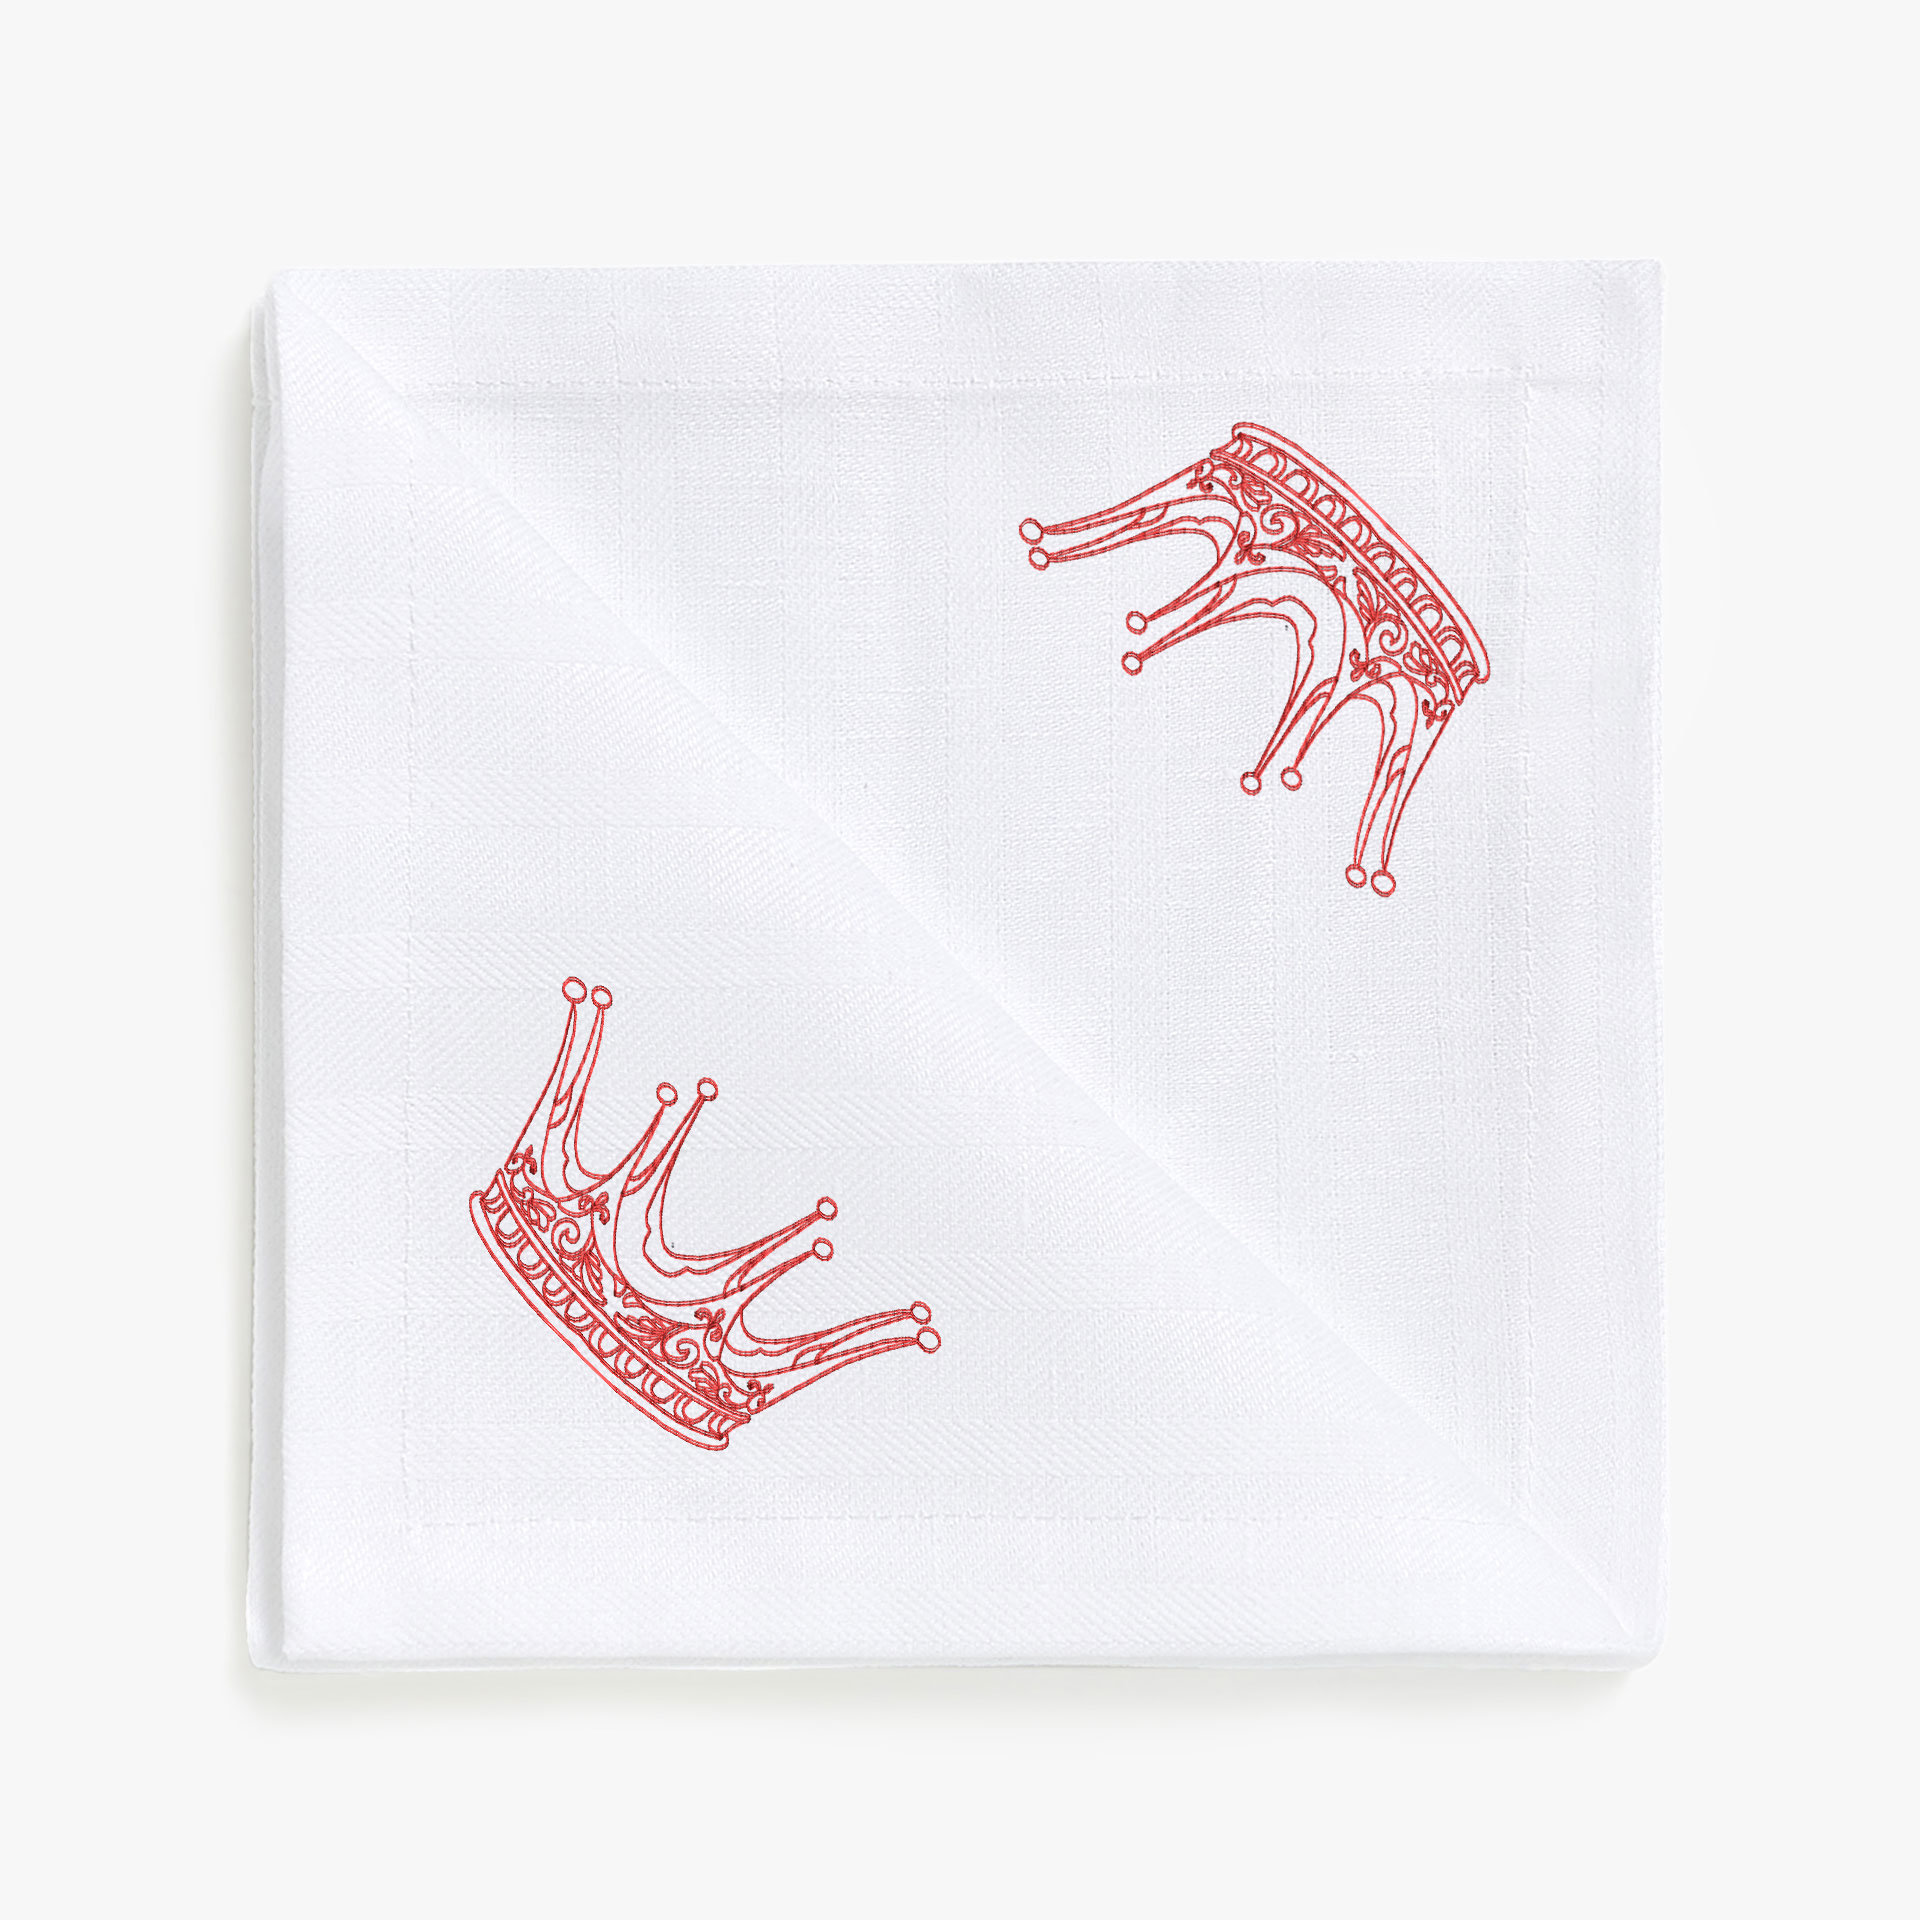 Дизайн машинной вышивки в стиле REDWORK Корона №3 RDL-007-03